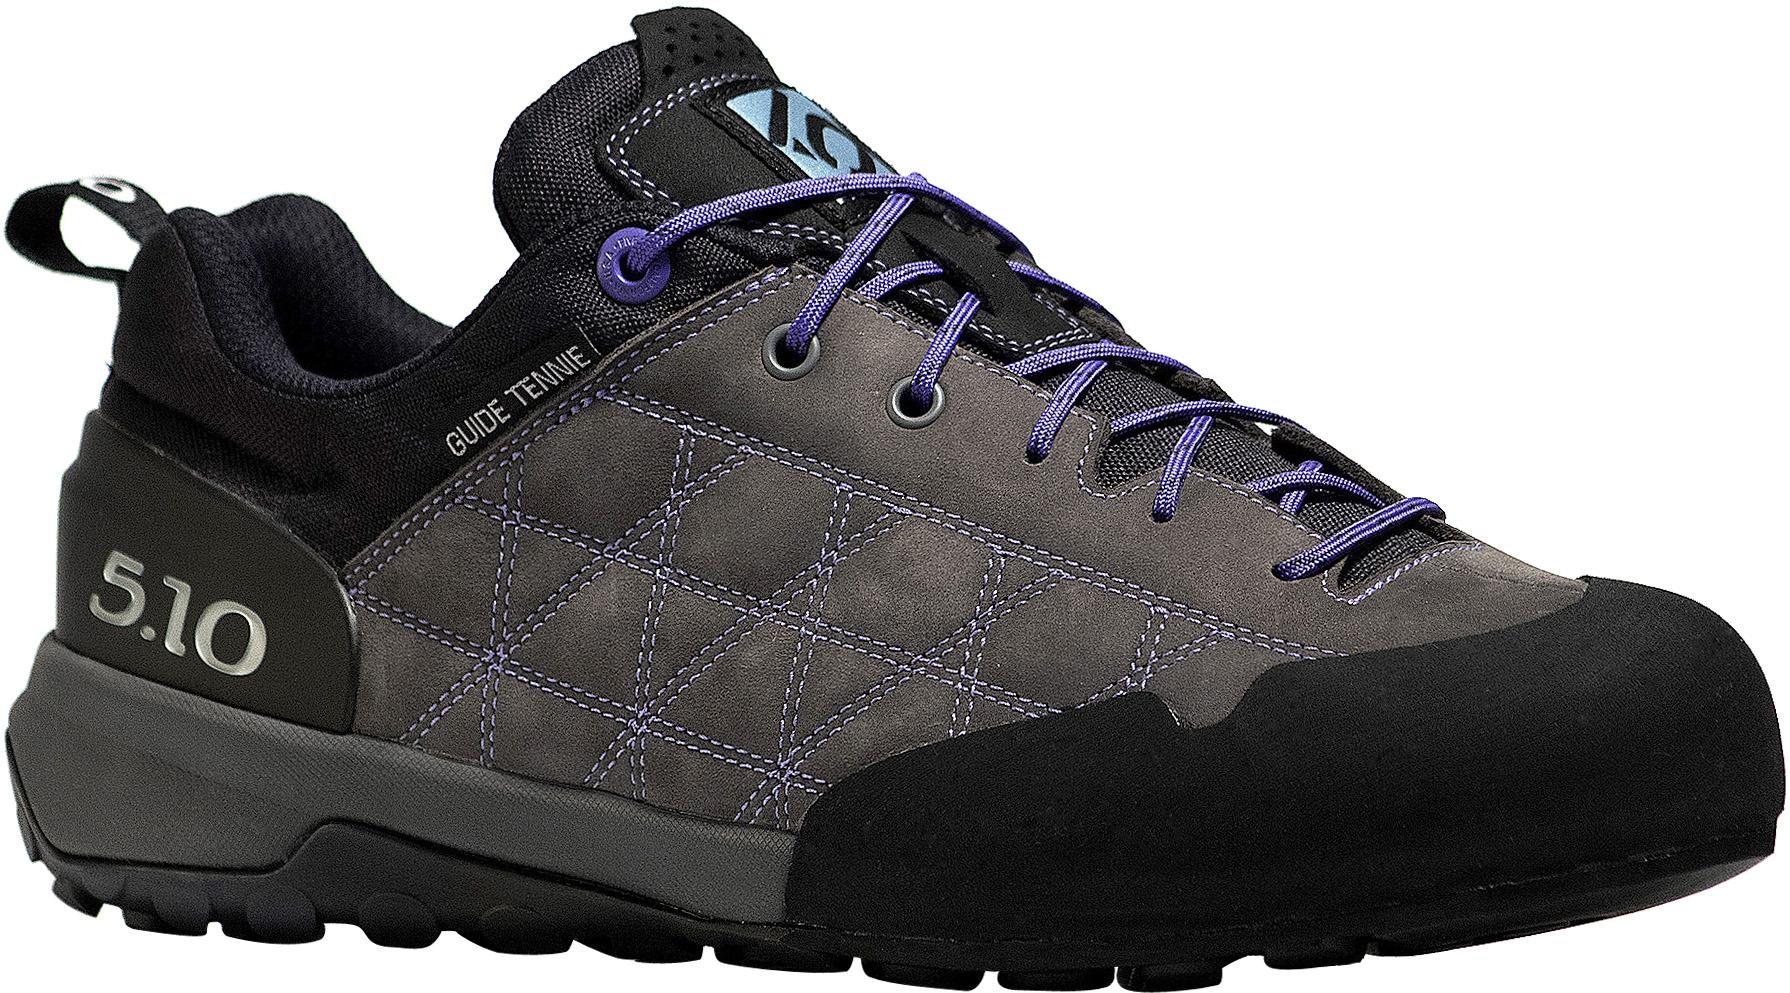 b6ae5cc3cfa Five Ten Guide Tennie Climbing Approach Shoes - Women s